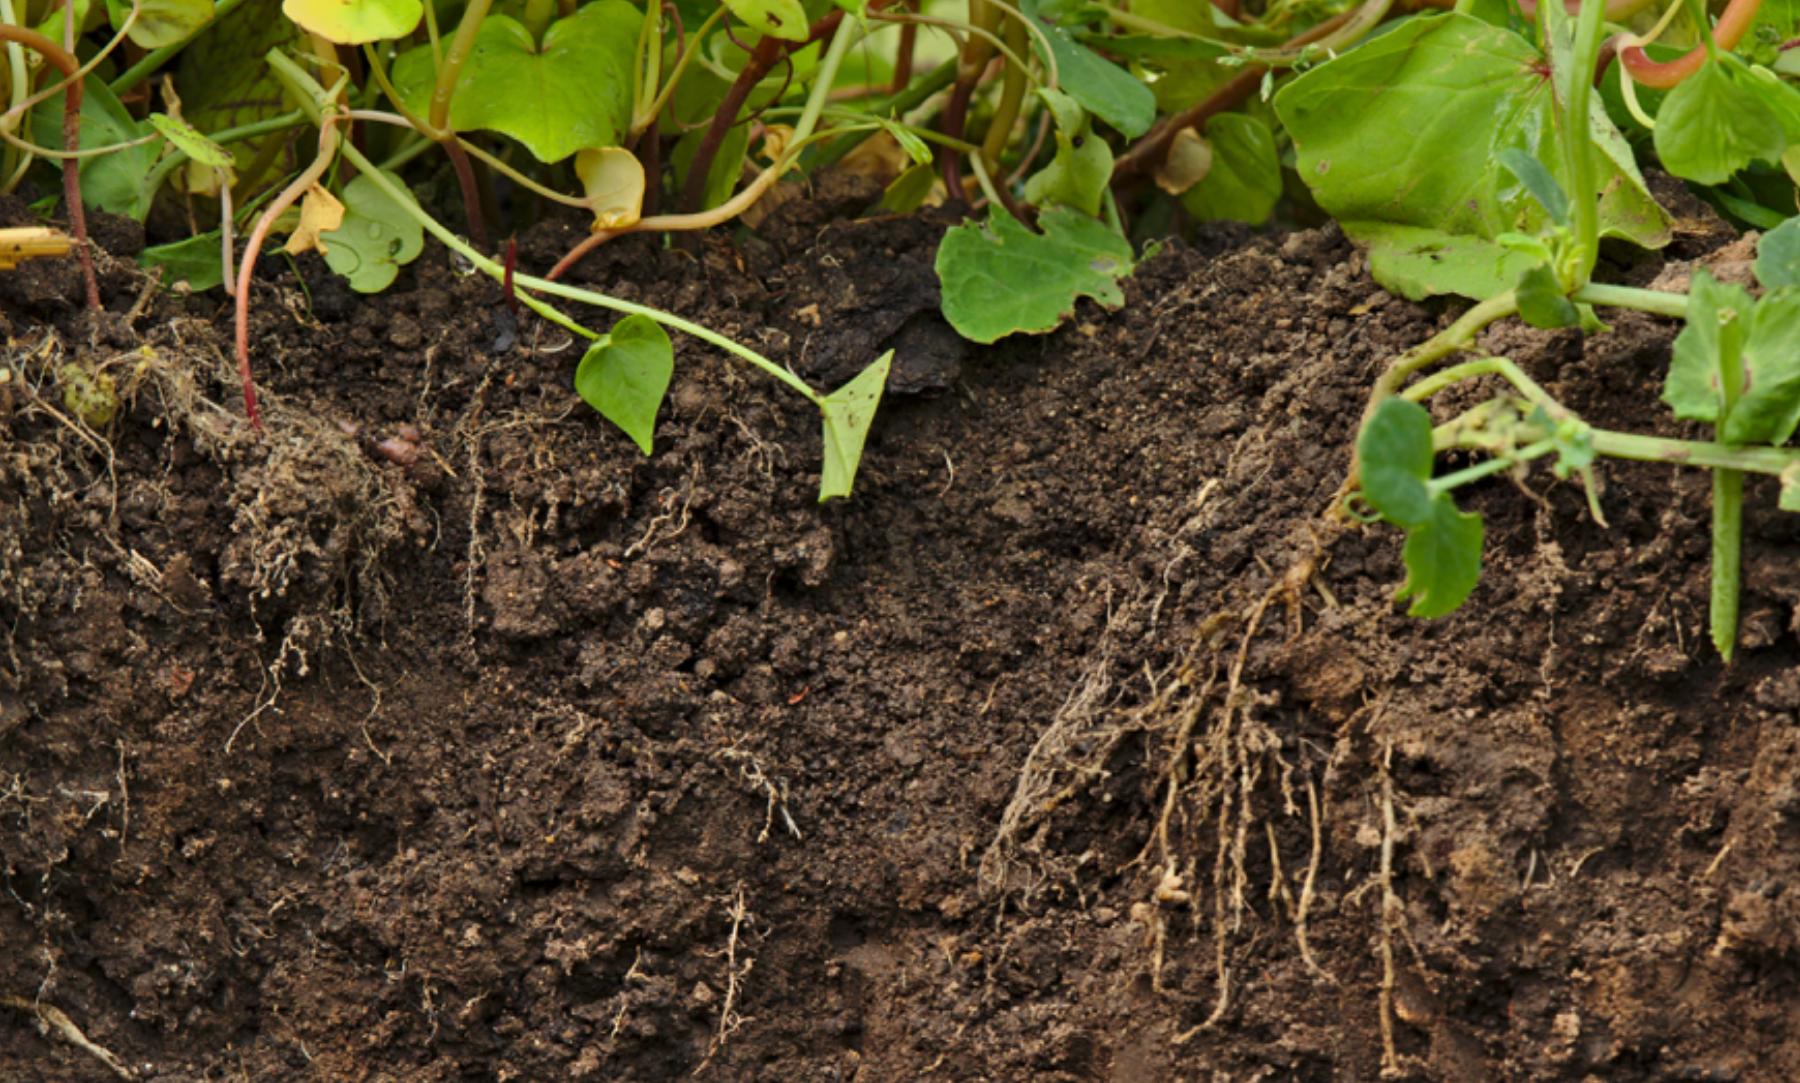 Amerikanischer Landwirt erhält 115.000$ für CO2-Zertifikate – eine gute oder eine schlechte Nachricht?